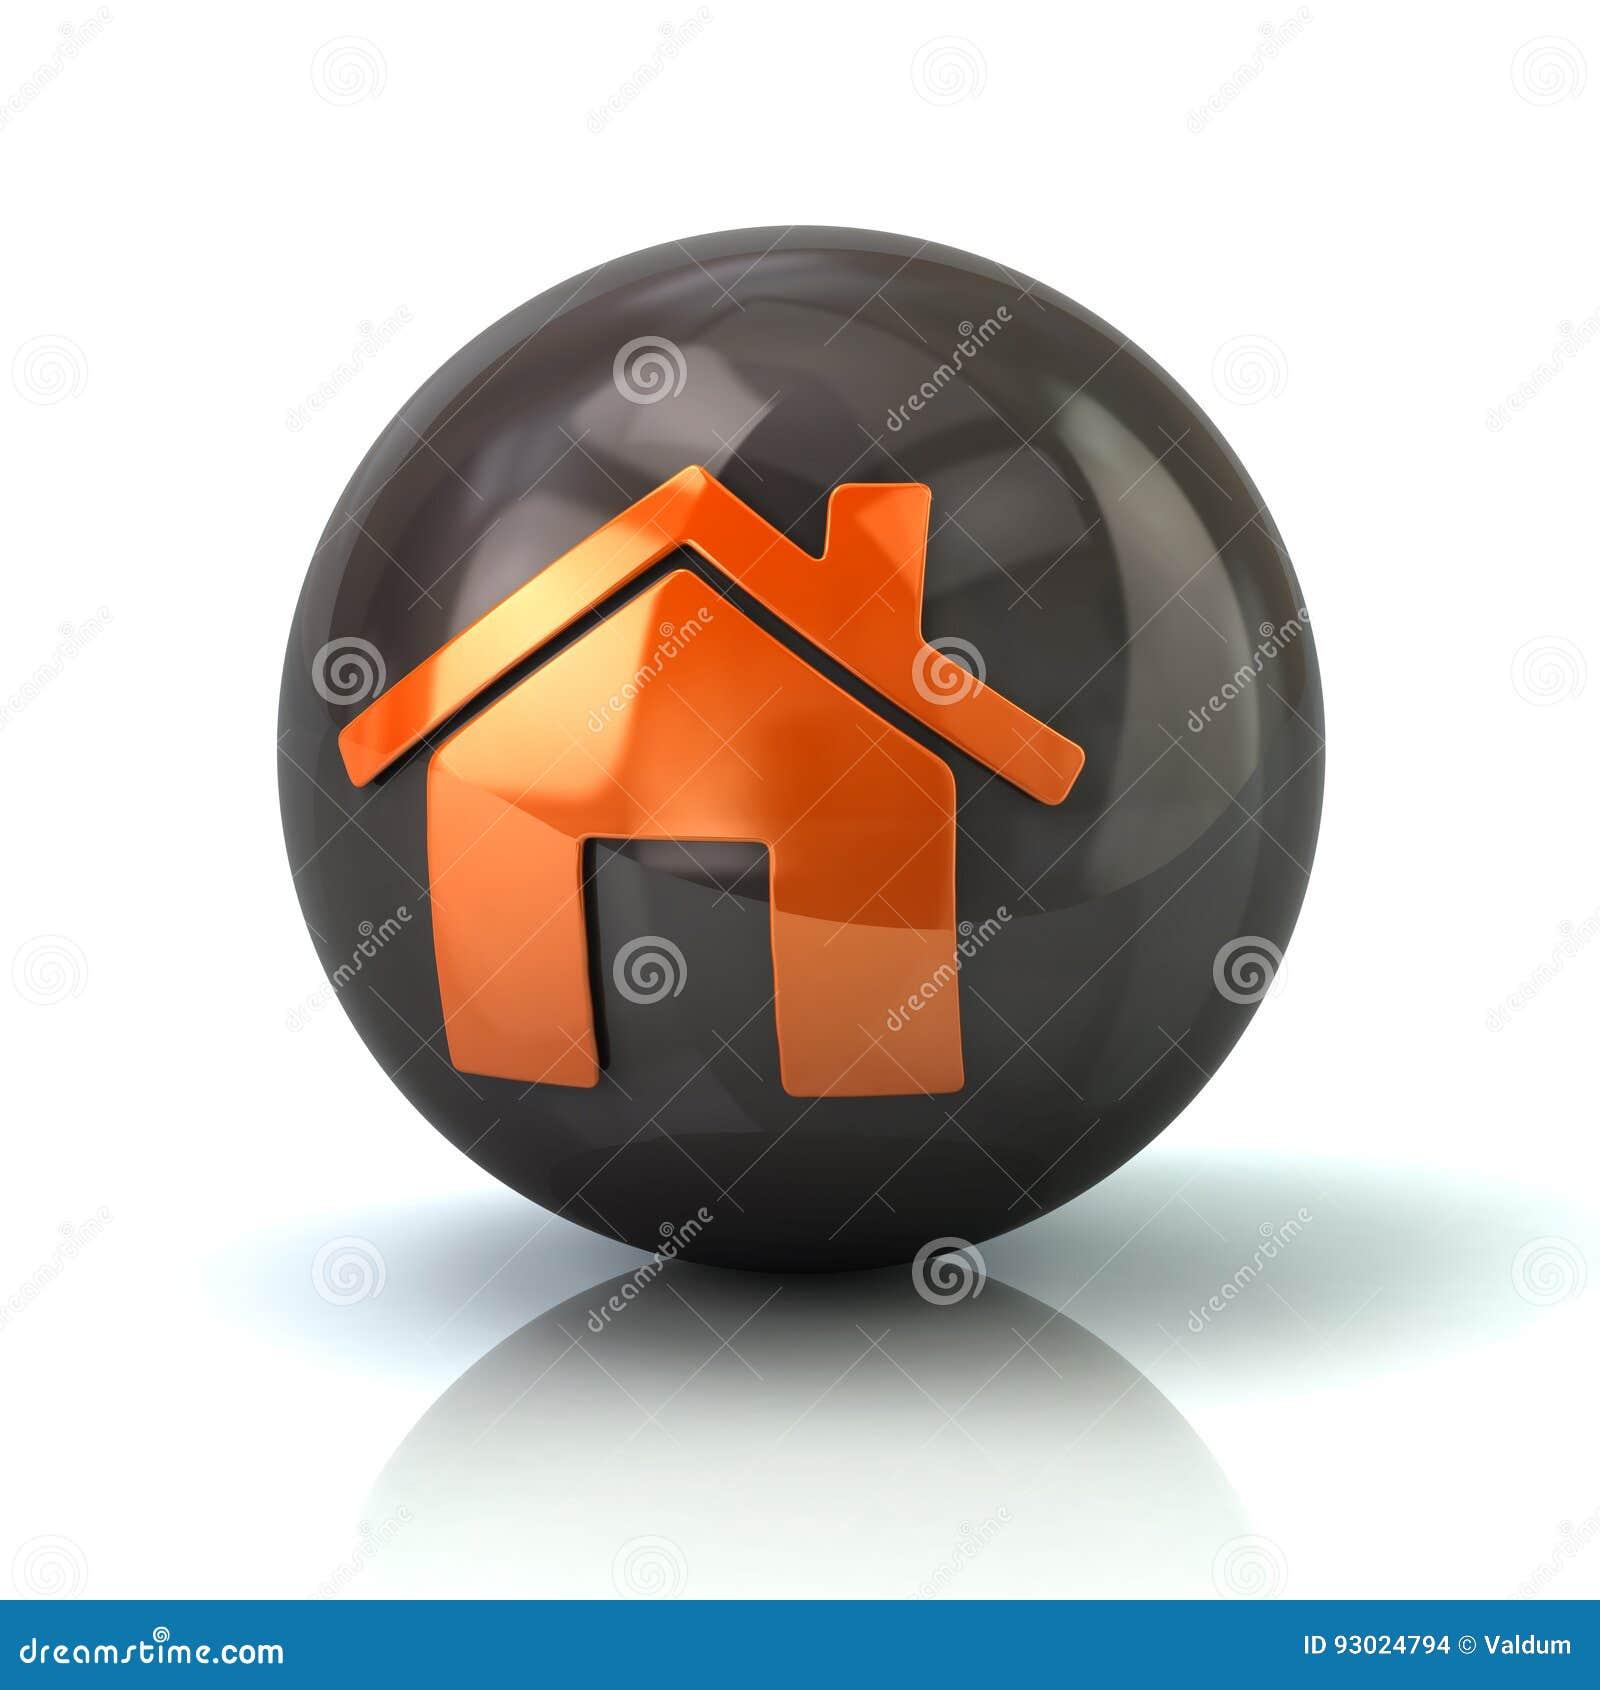 Icône à la maison orange sur la sphère brillante noire